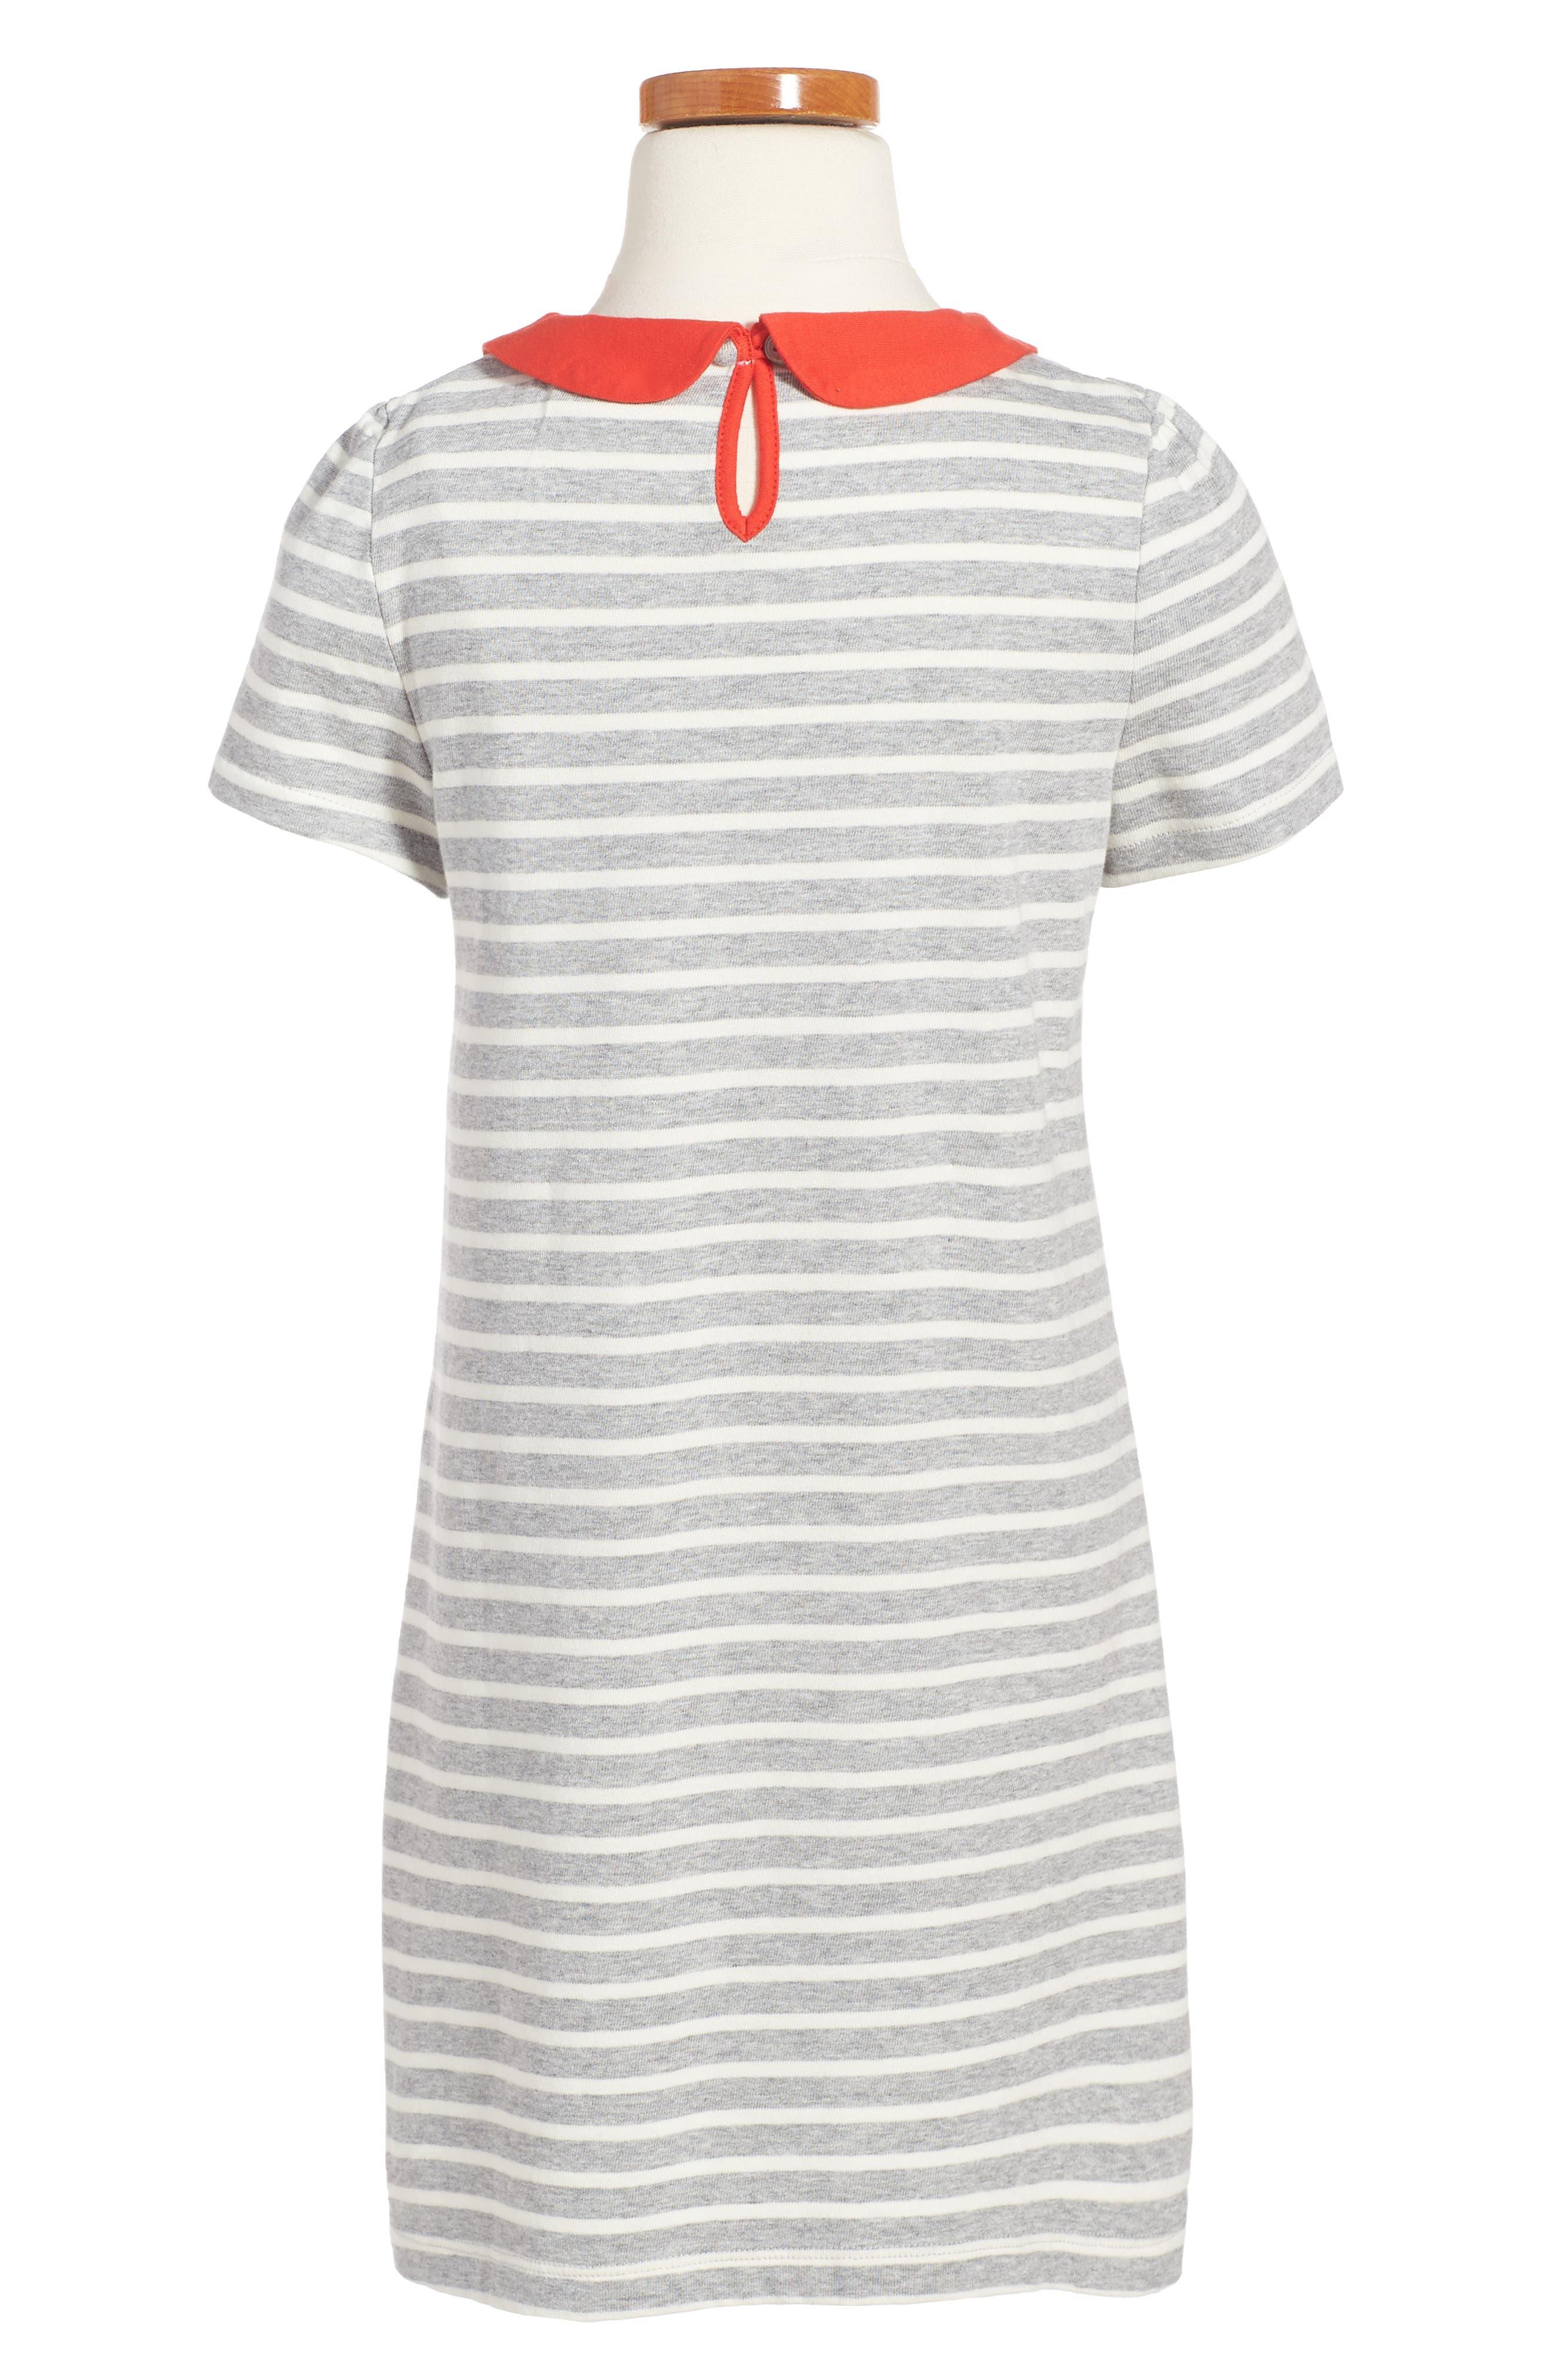 Alternate Image 2  - Mini Boden Fun Appliqué Jersey Dress (Toddler Girls, Little Girls & Big Girls)